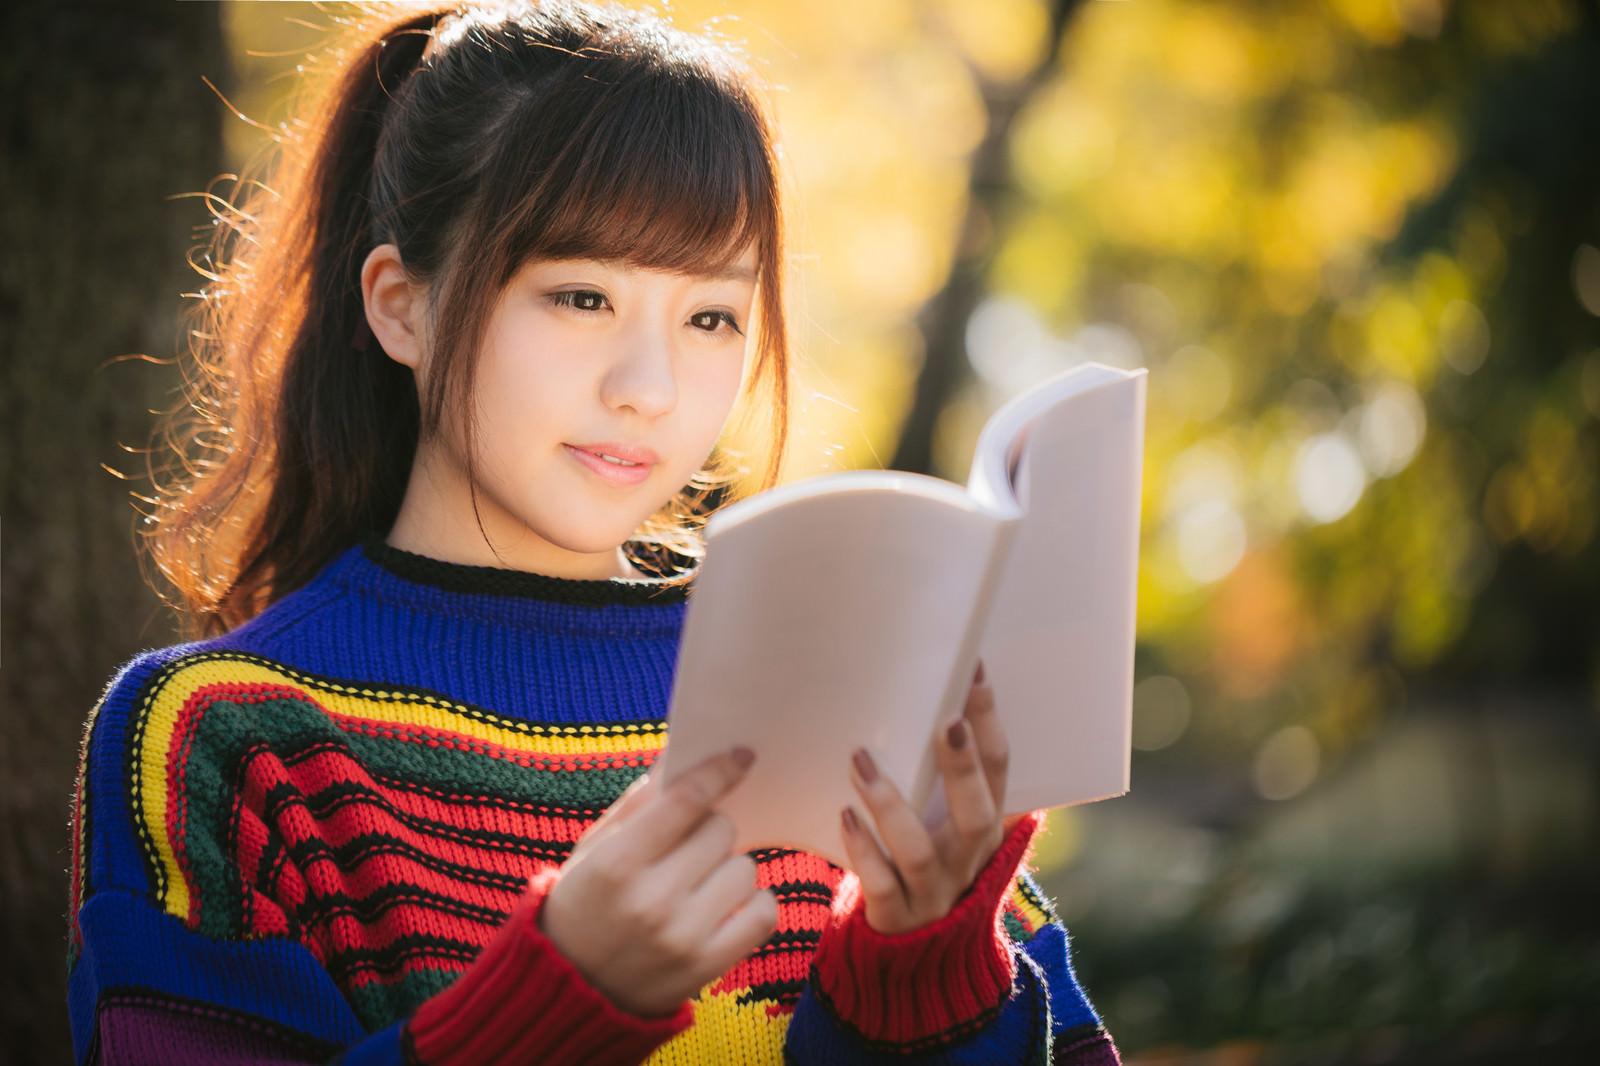 「紅葉の秋とマルチカラーな読書女子紅葉の秋とマルチカラーな読書女子」[モデル:河村友歌]のフリー写真素材